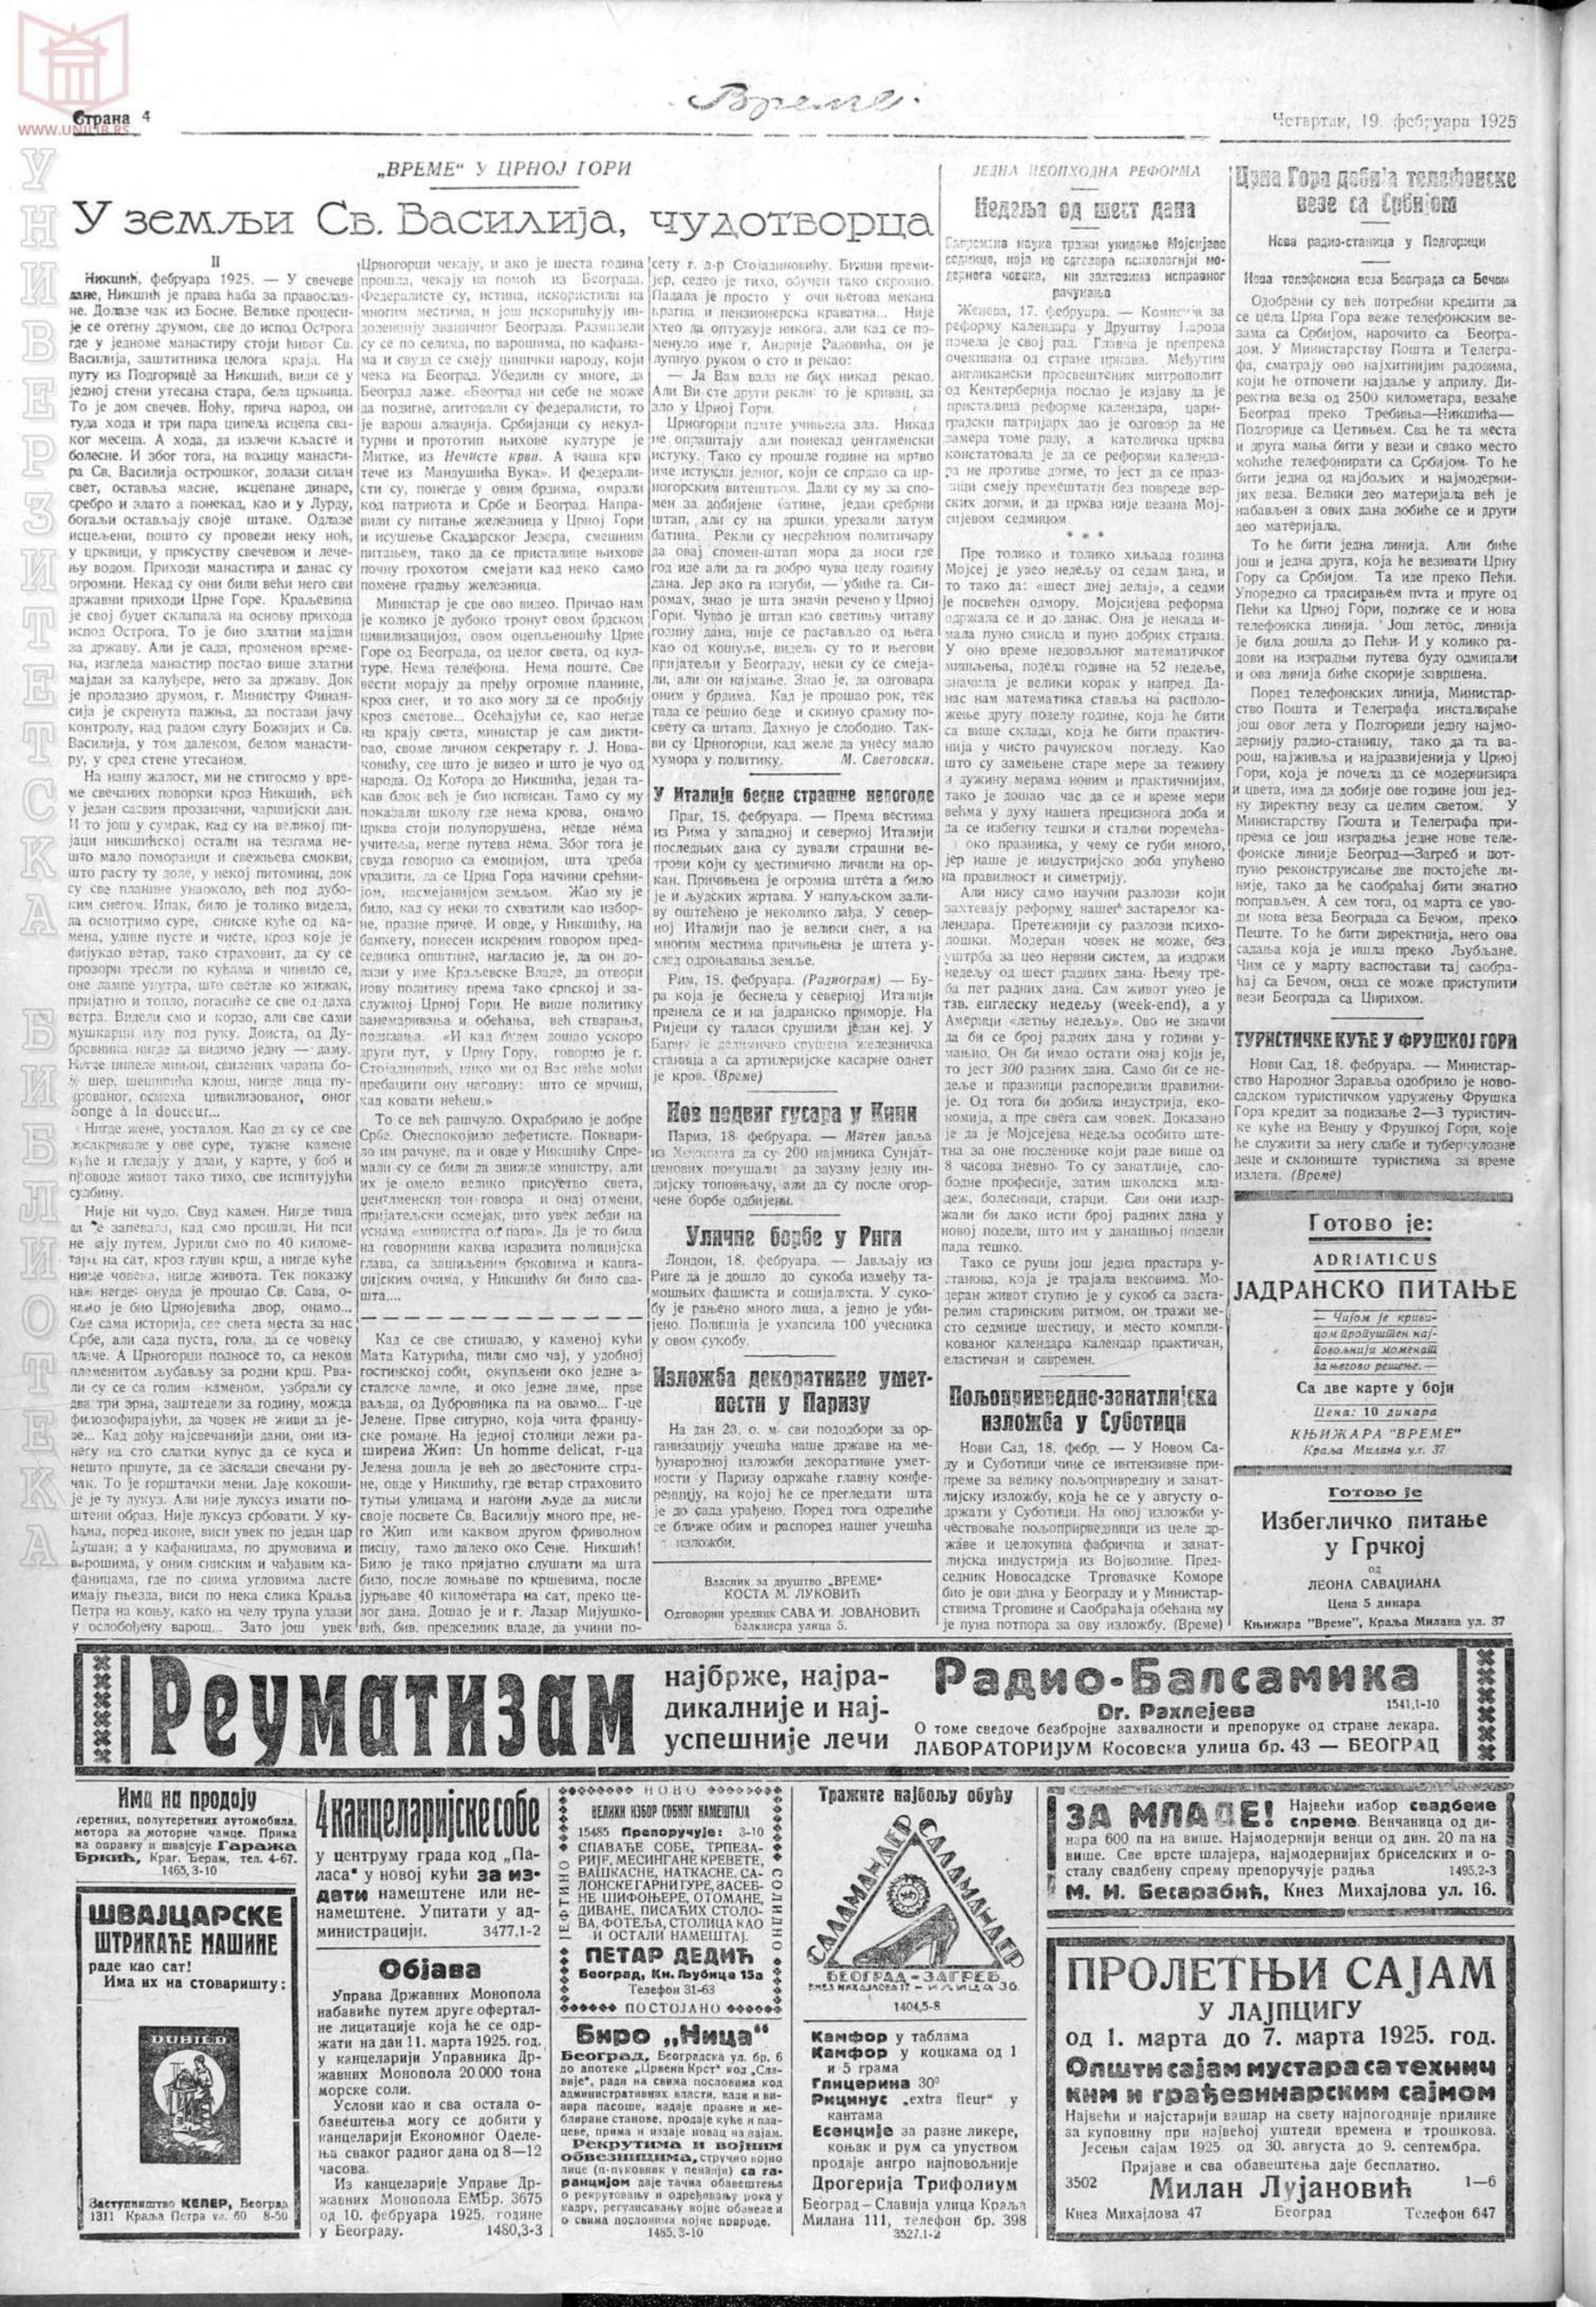 Vreme 19.02.1925 p4-1